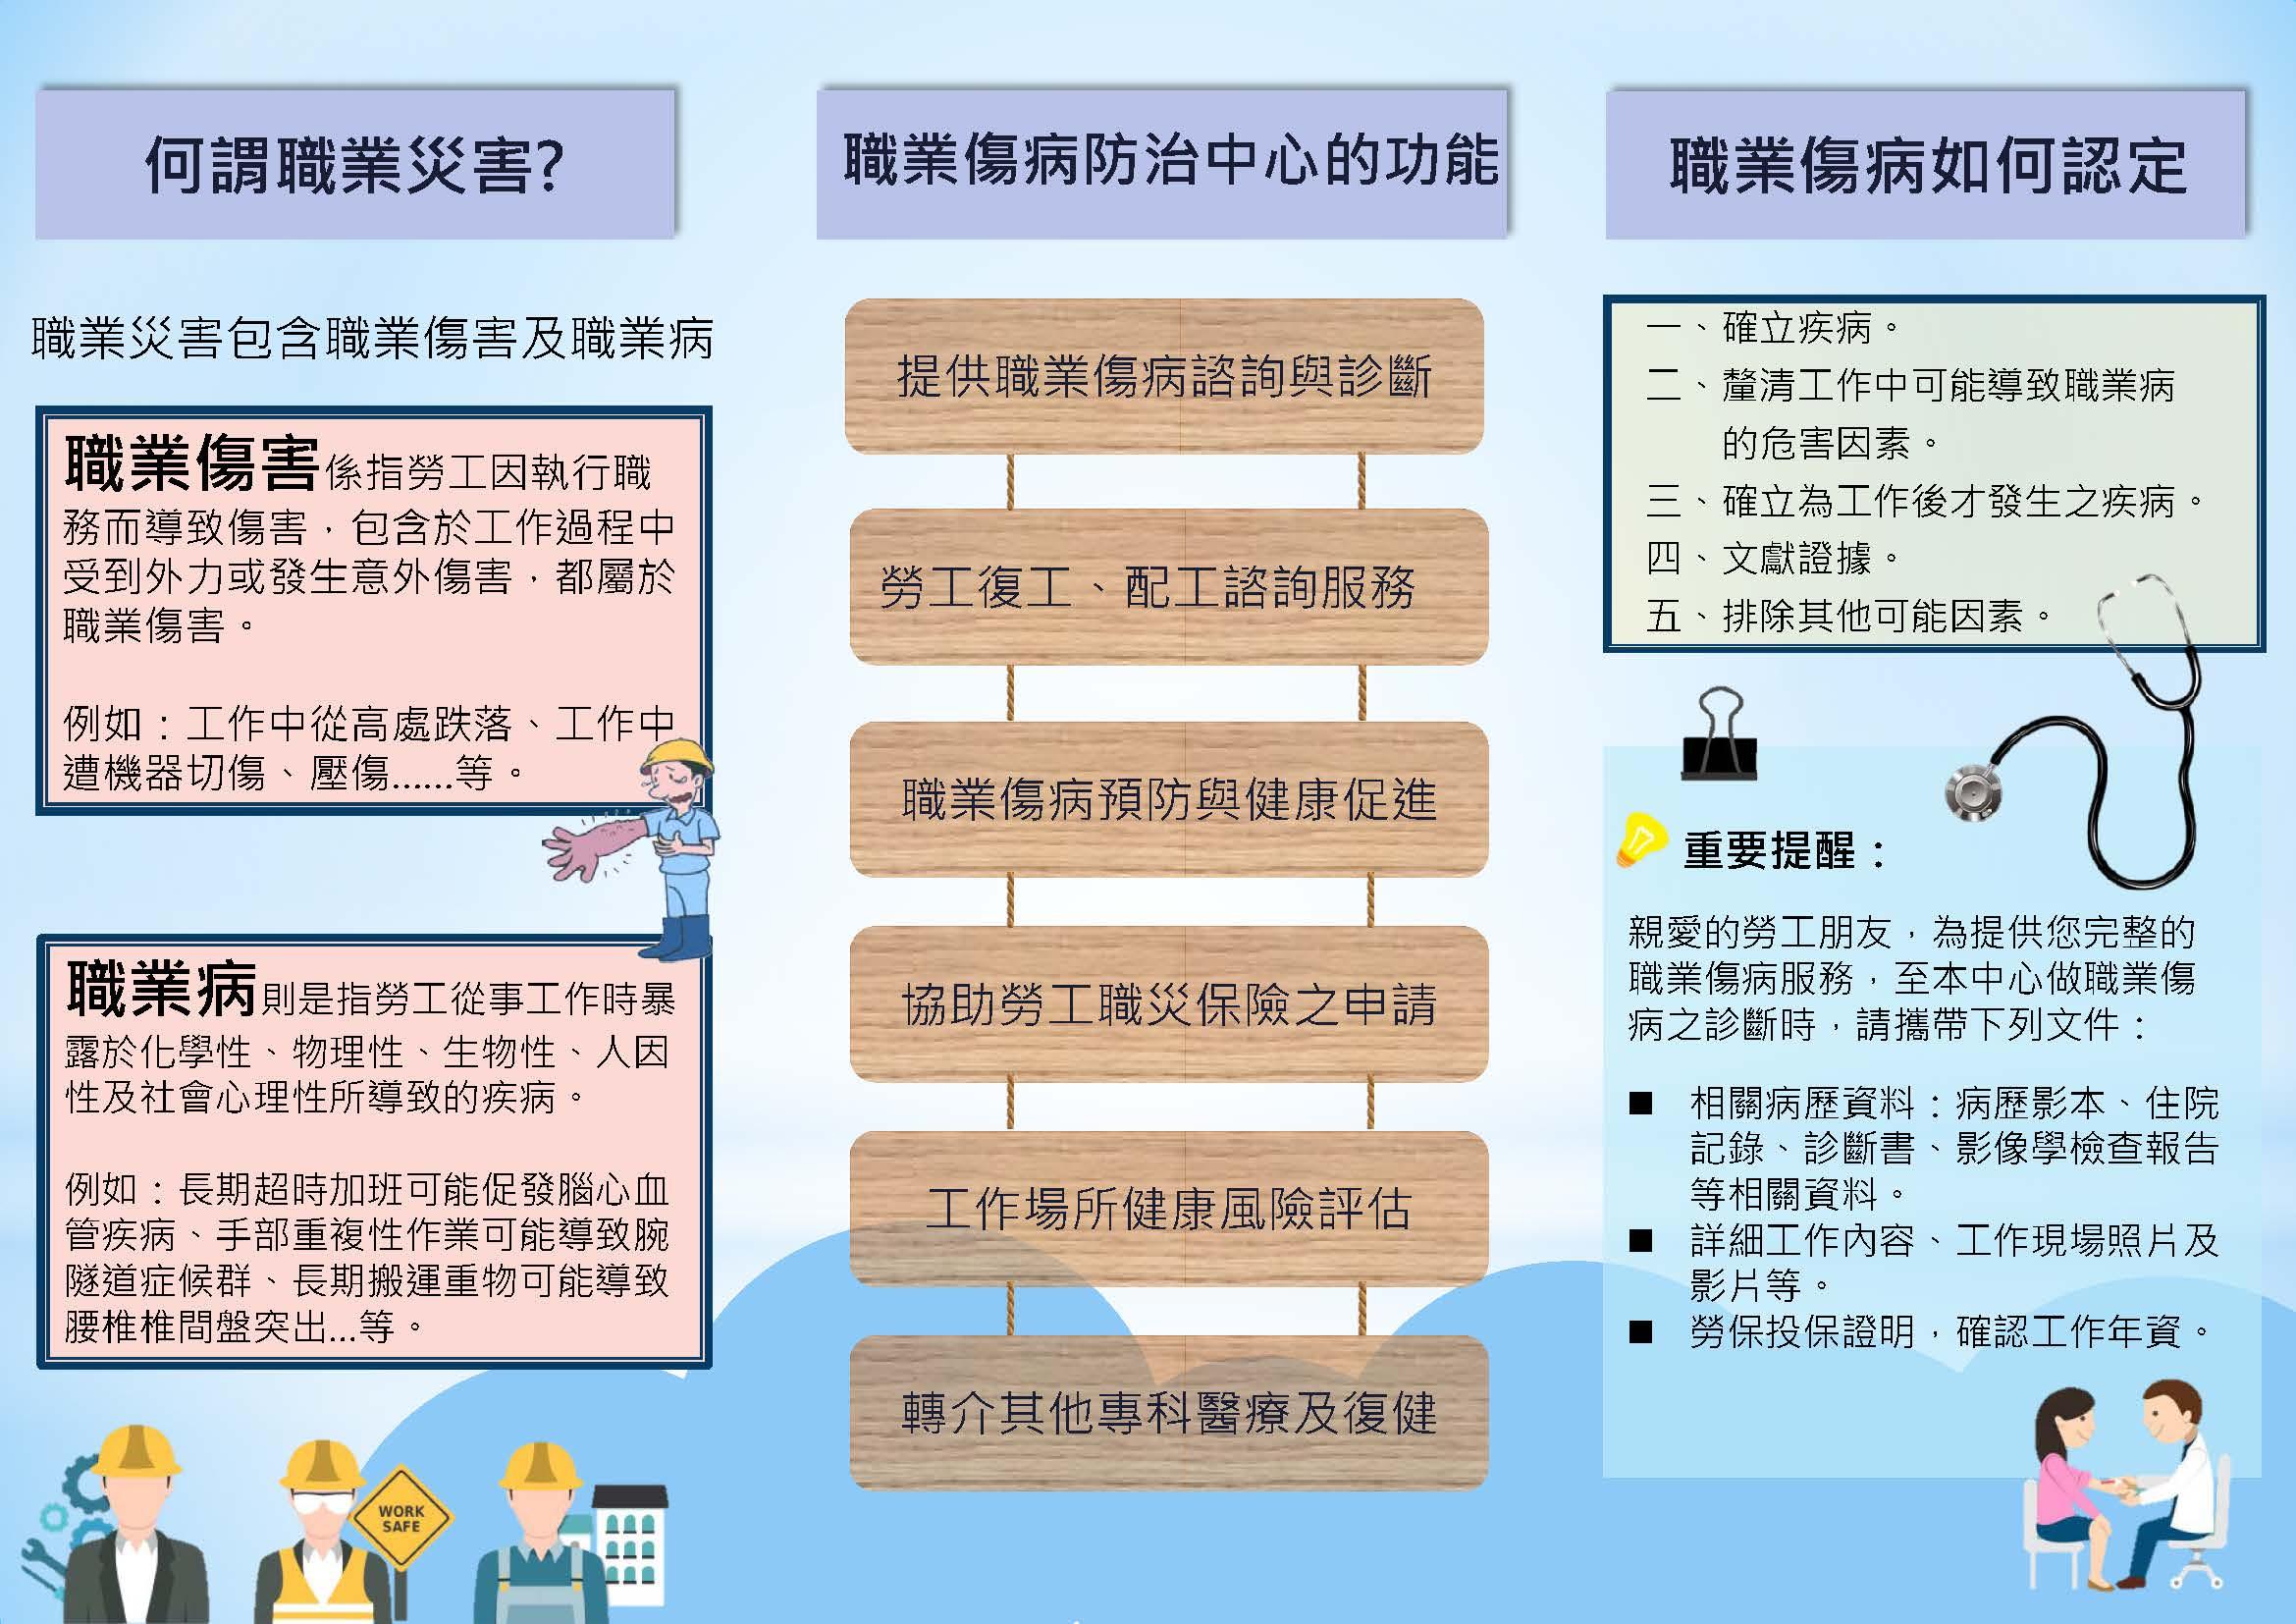 106職病中心-宣傳三摺頁V4_頁面_2.jpg